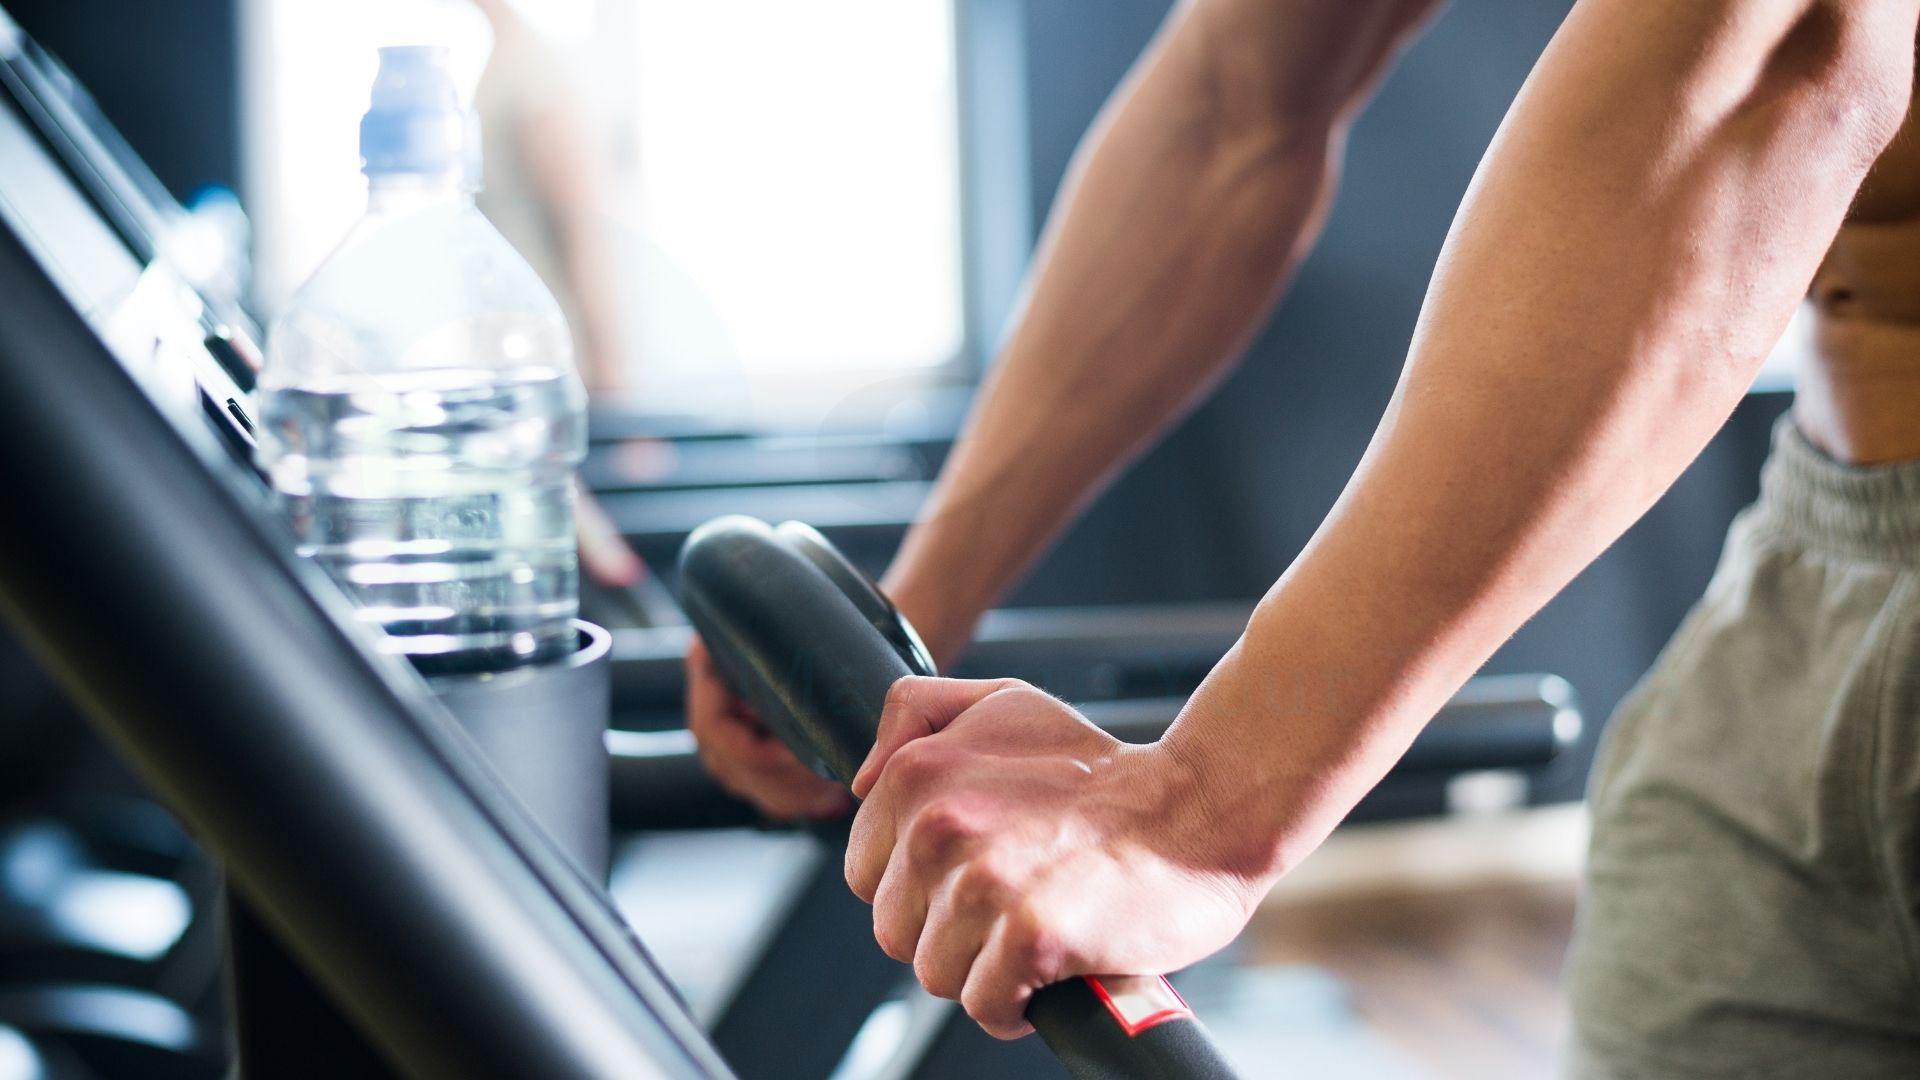 Giảm béo vùng lưng bằng việc tập thể dục